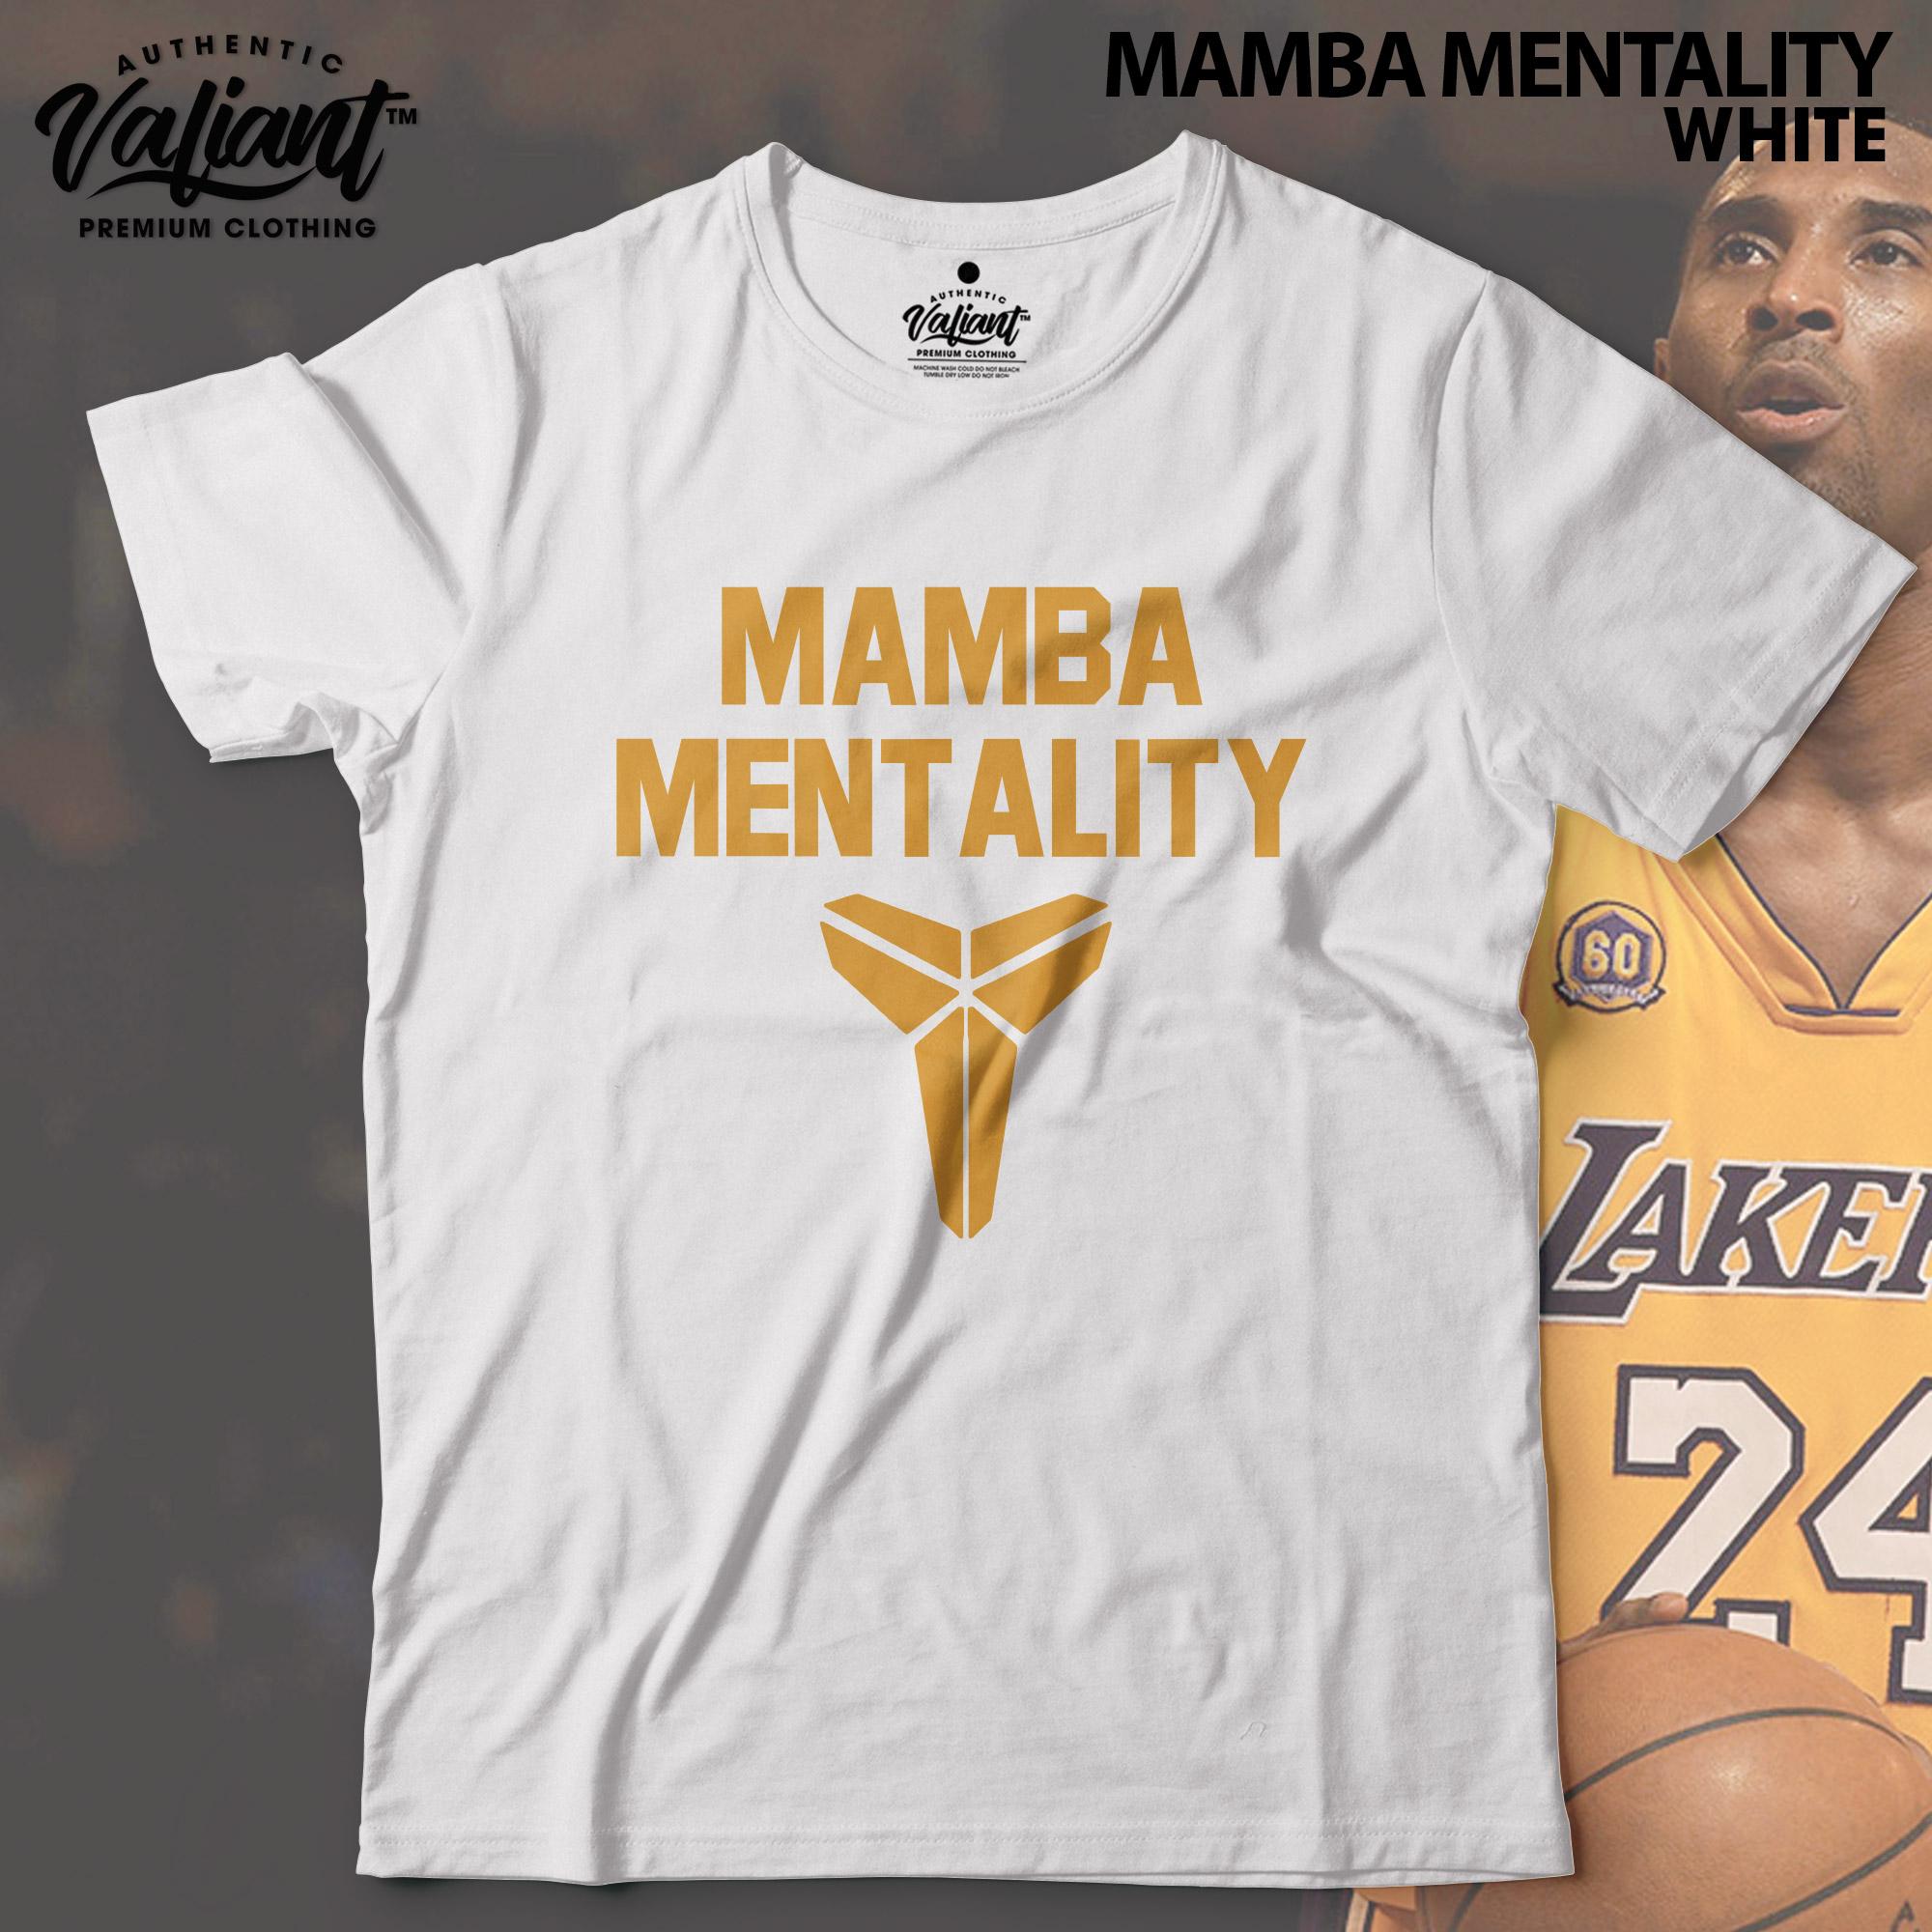 mamba mentality t shirt